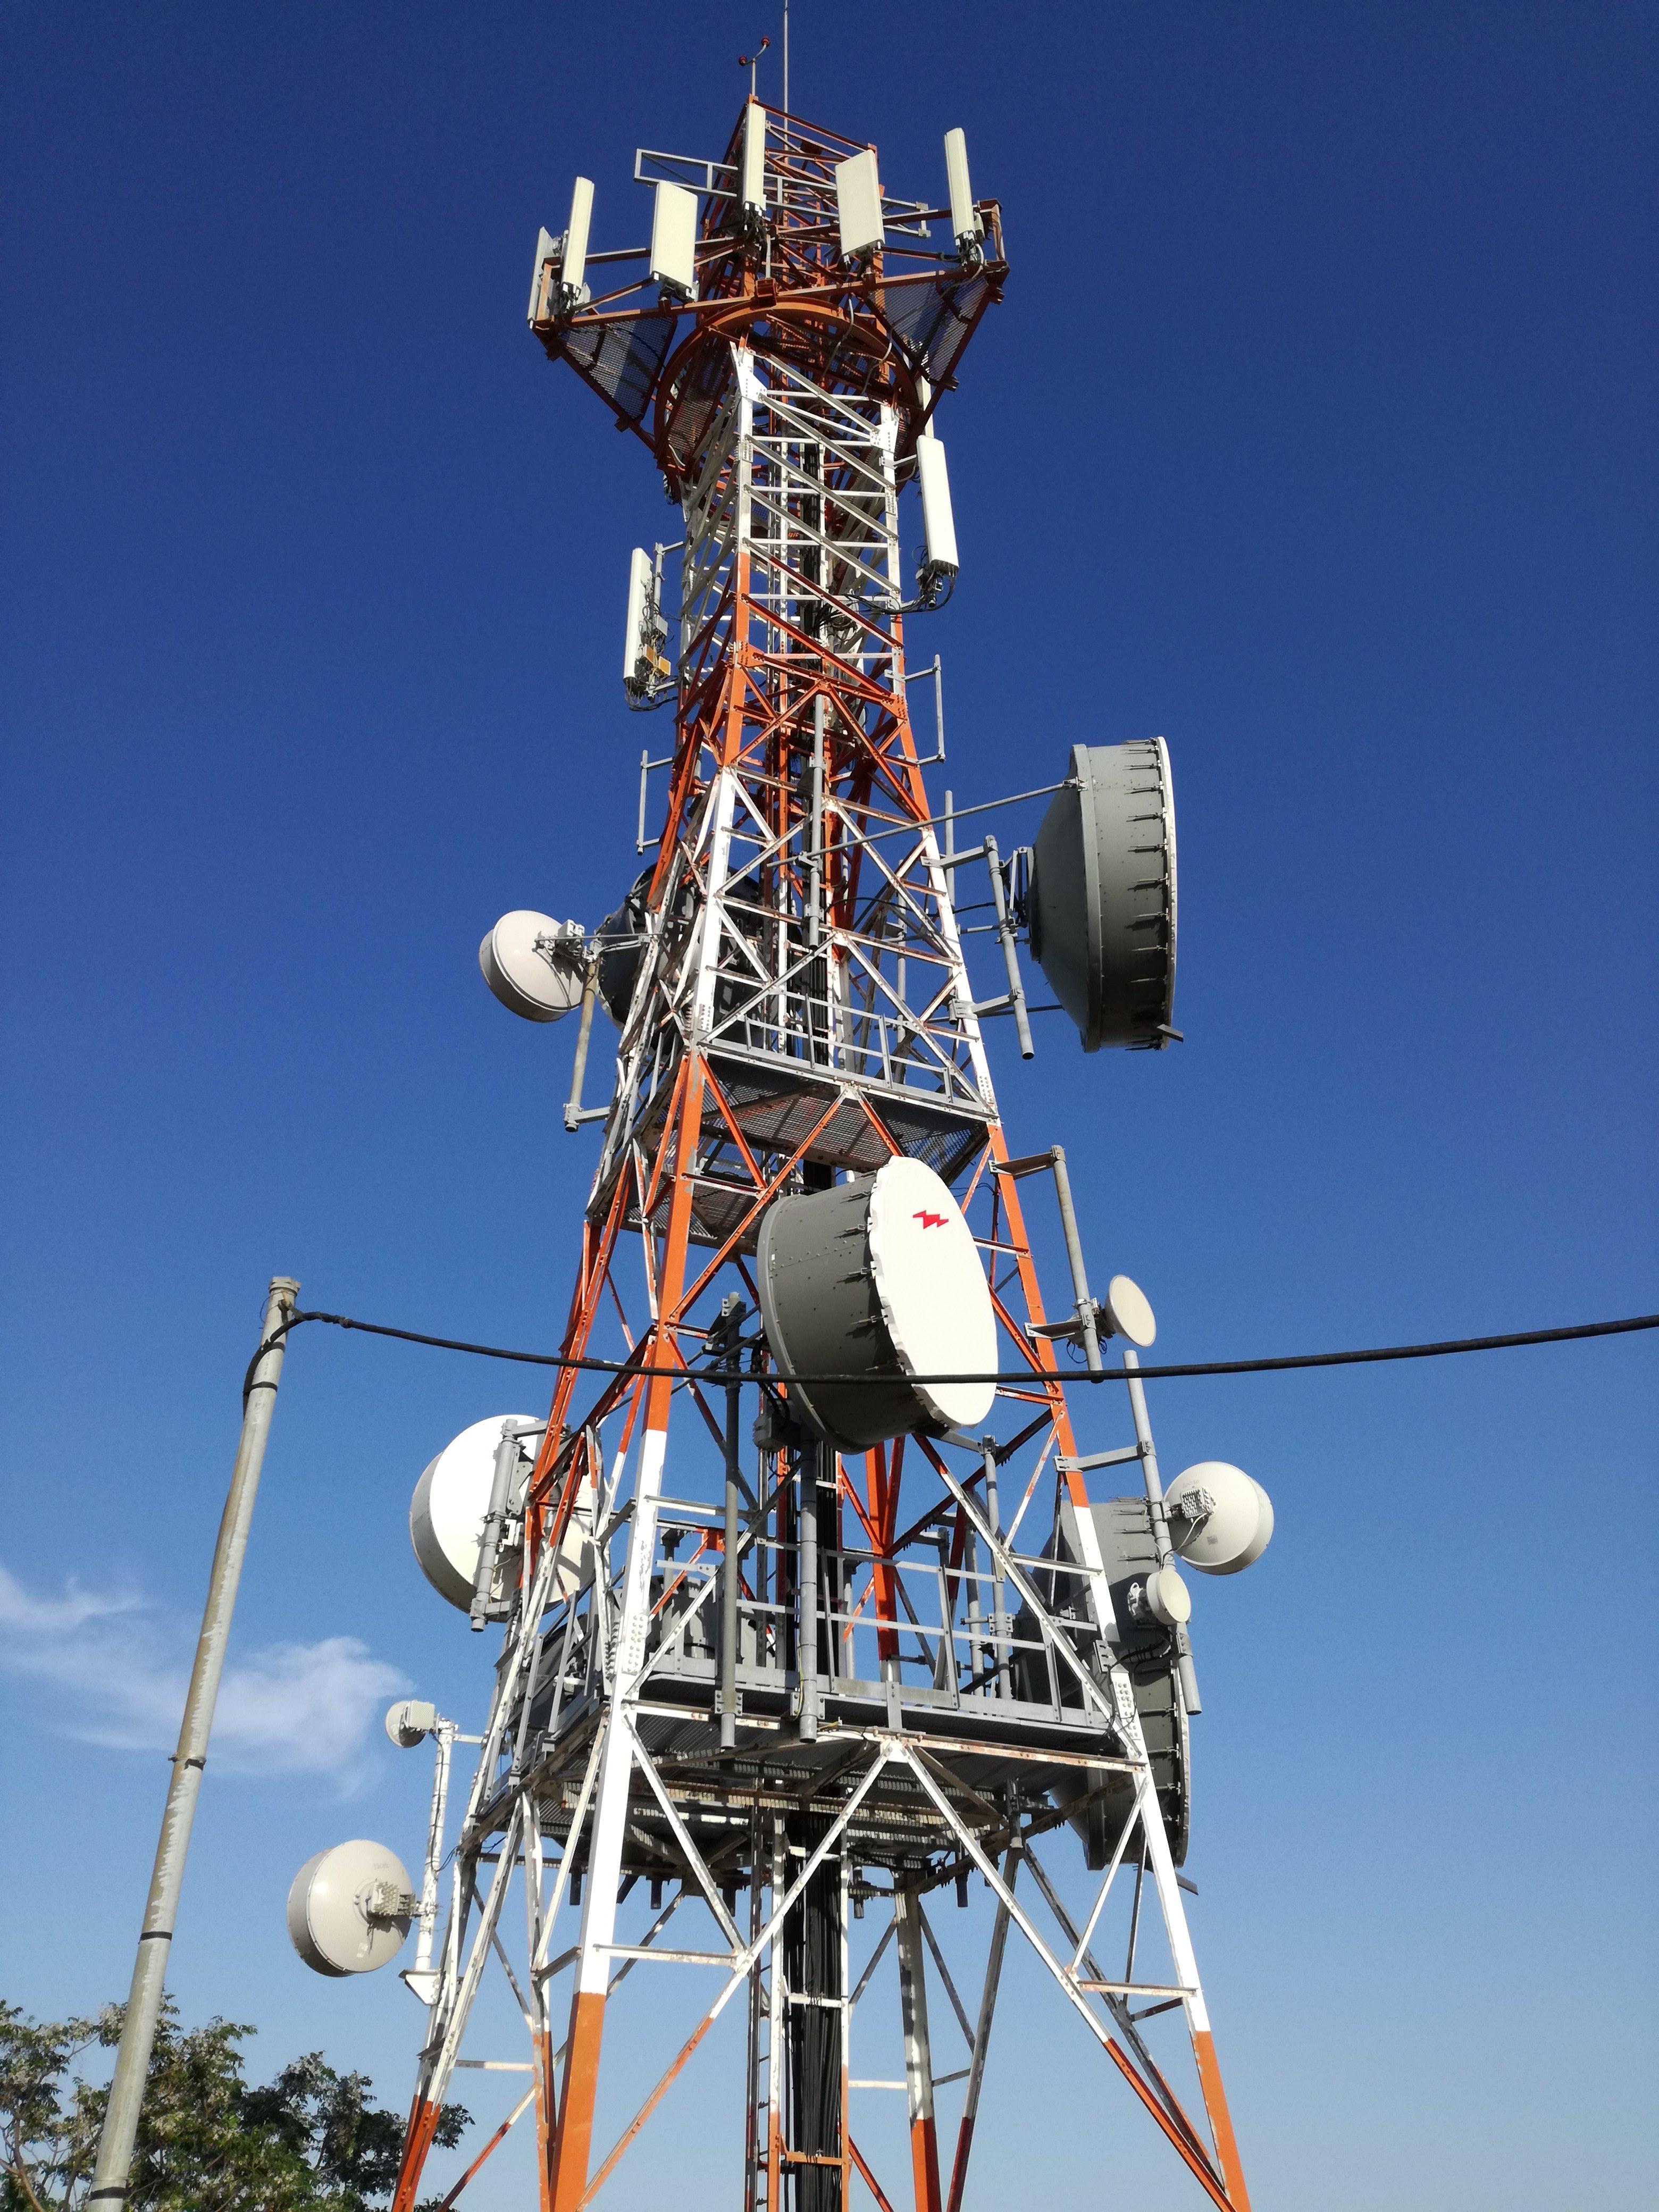 Grèce - Antenne relais GSM ( Mégara )